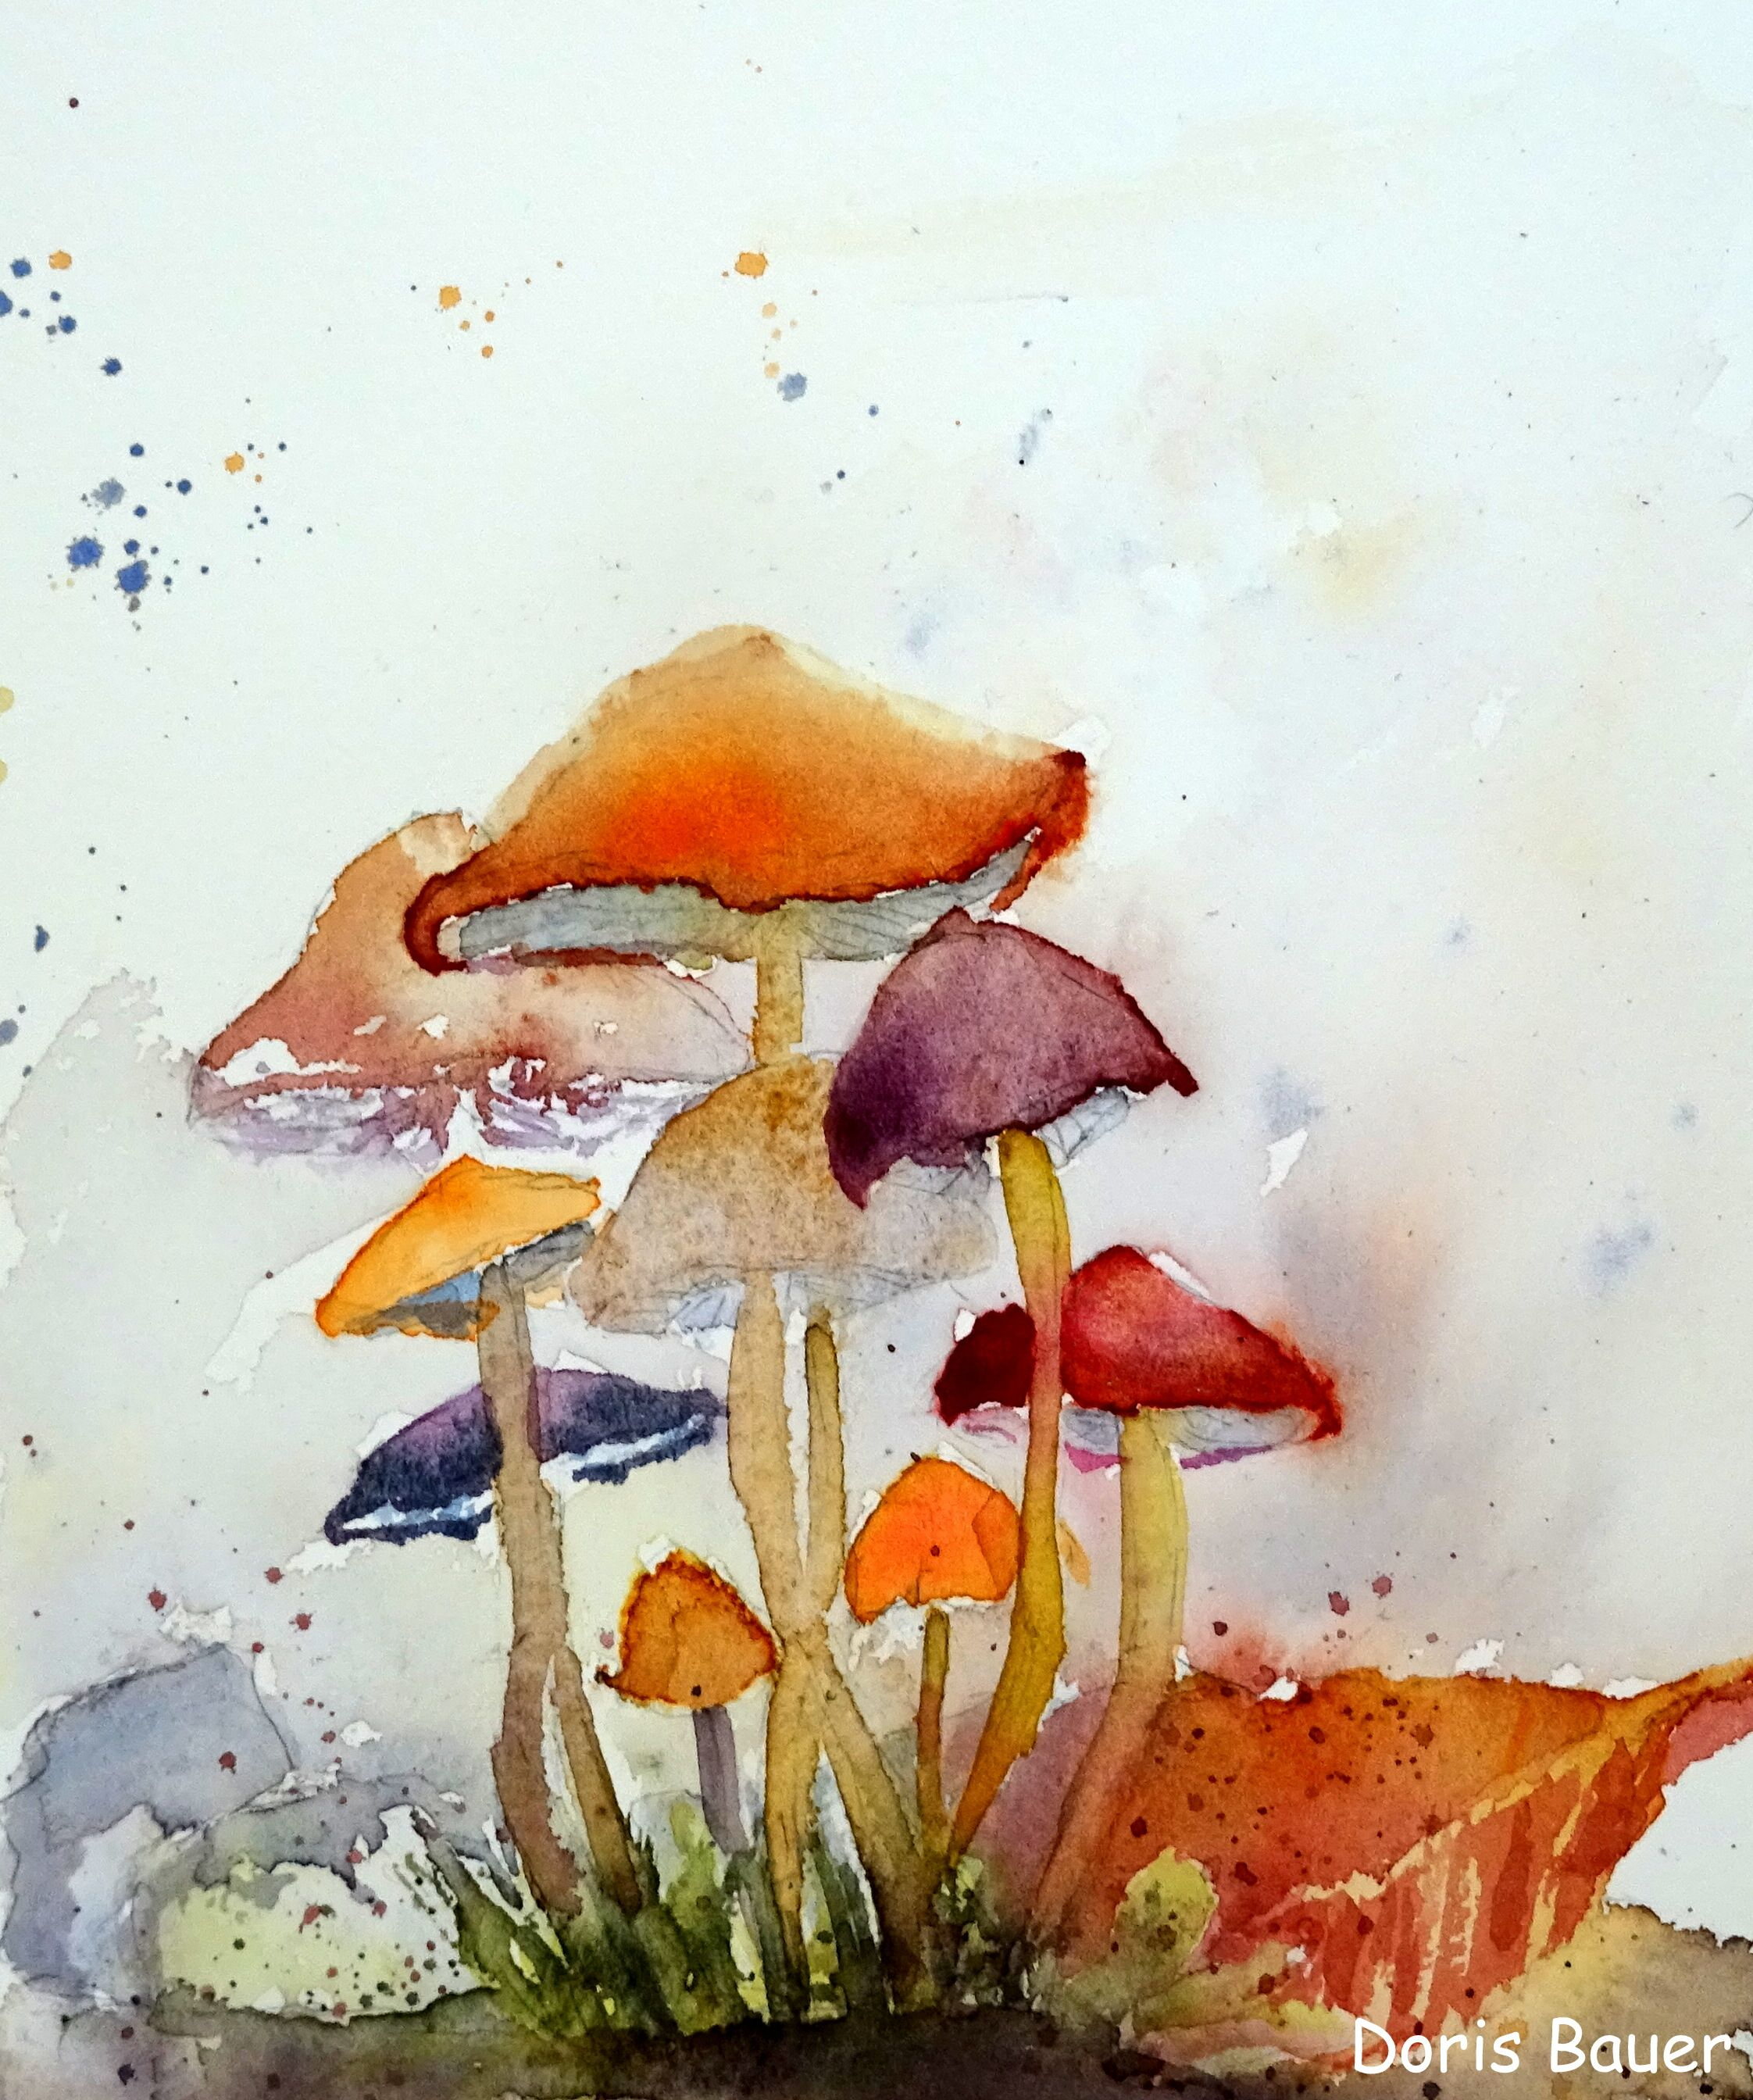 Pilze, Mushrooms